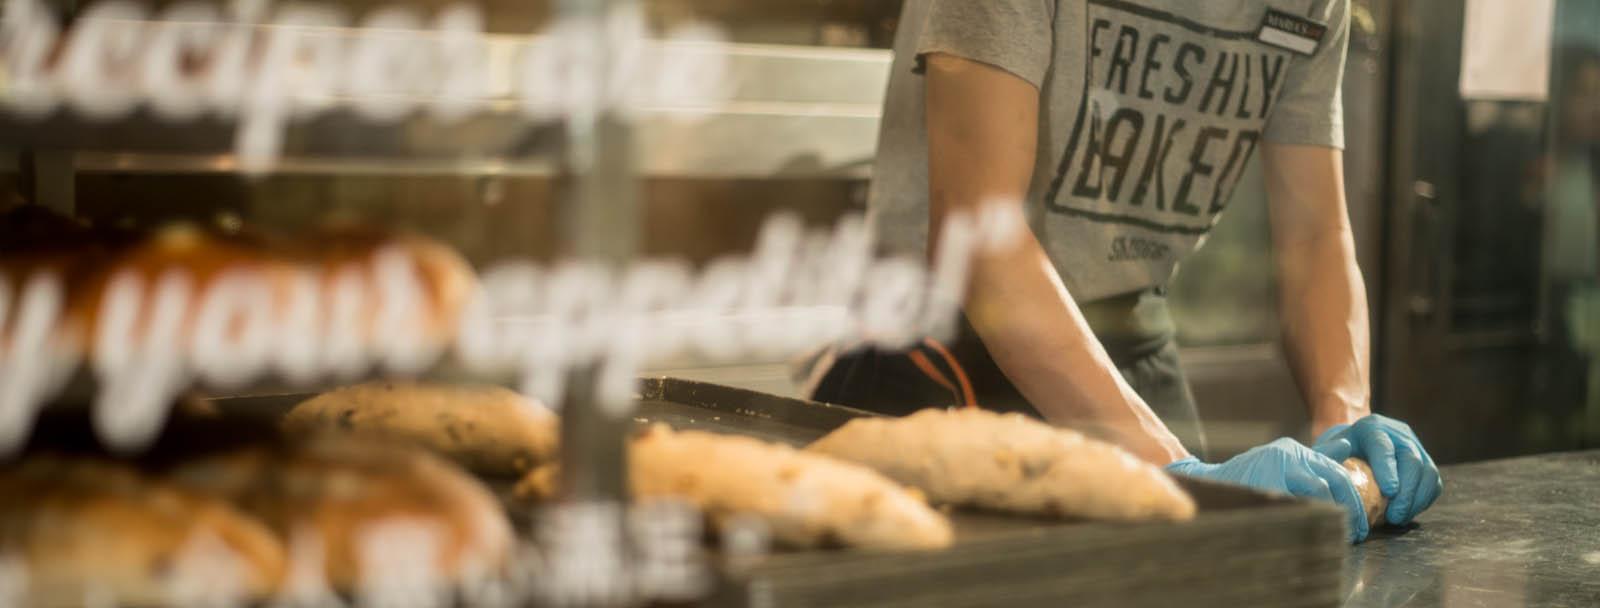 超羣面包西饼